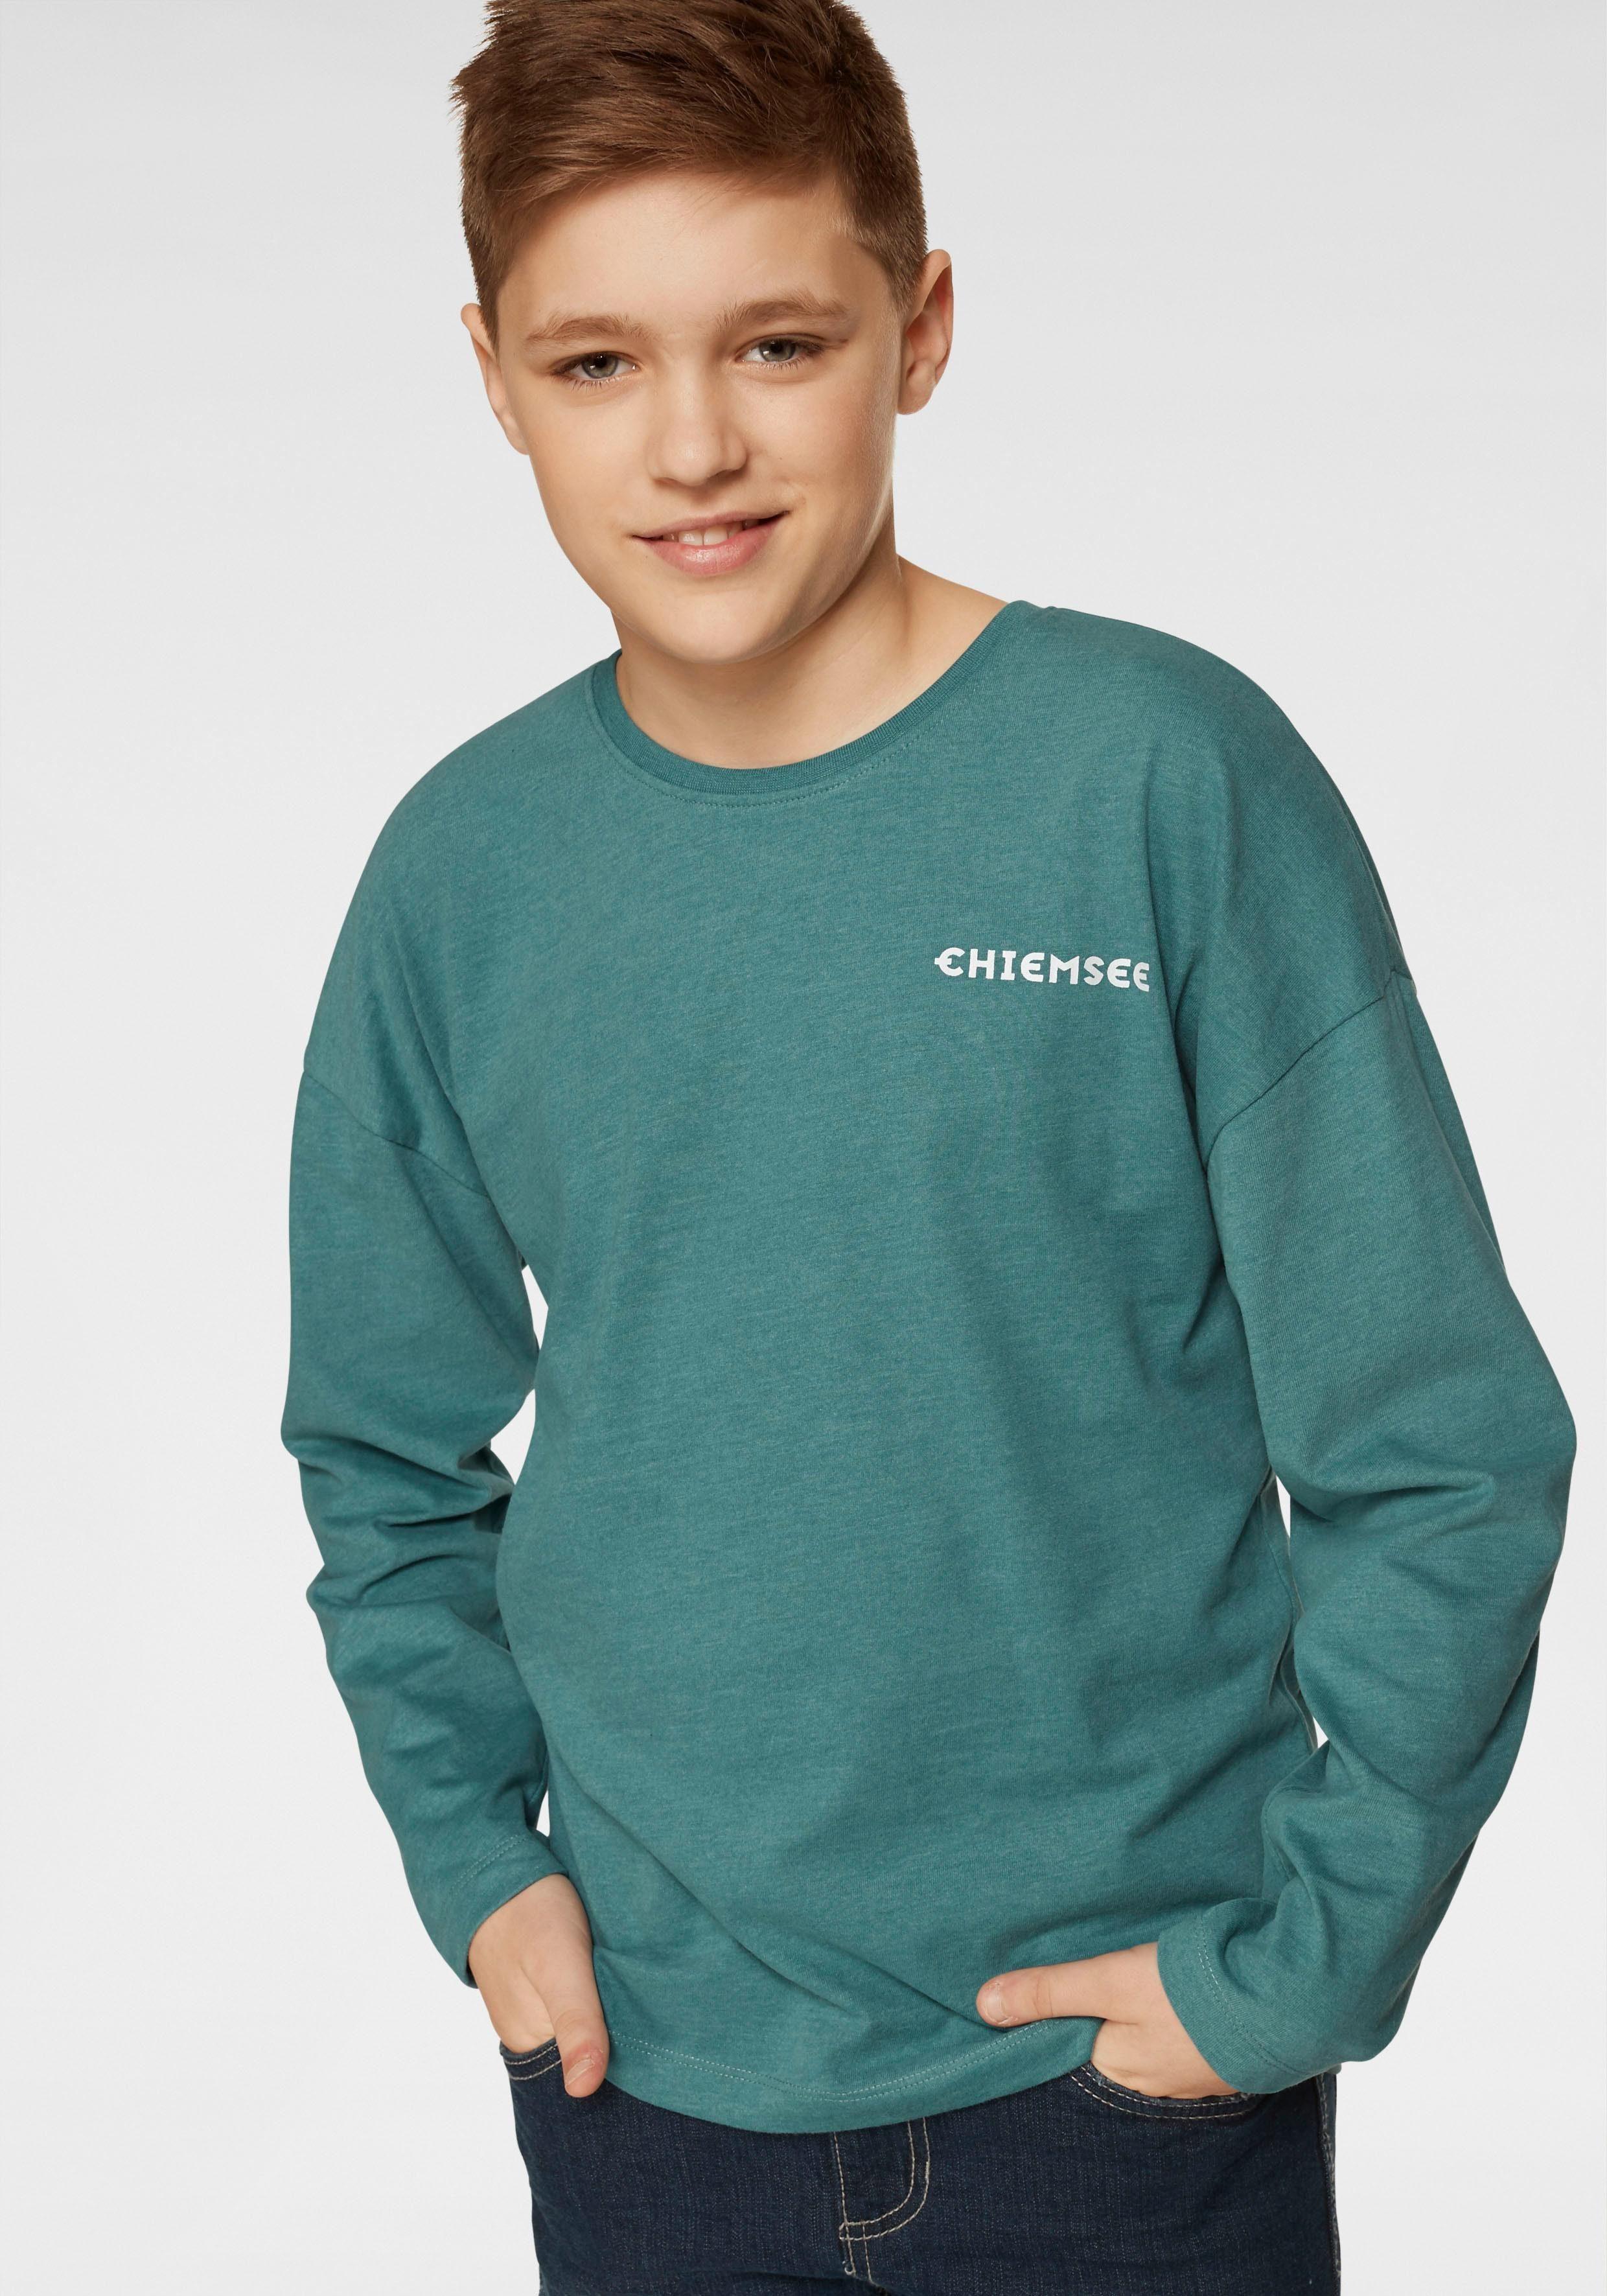 Chiemsee Langarmshirt mit coolen Drucken, Langarmshirt von Chiemsee für Jungen online kaufen | OTTO